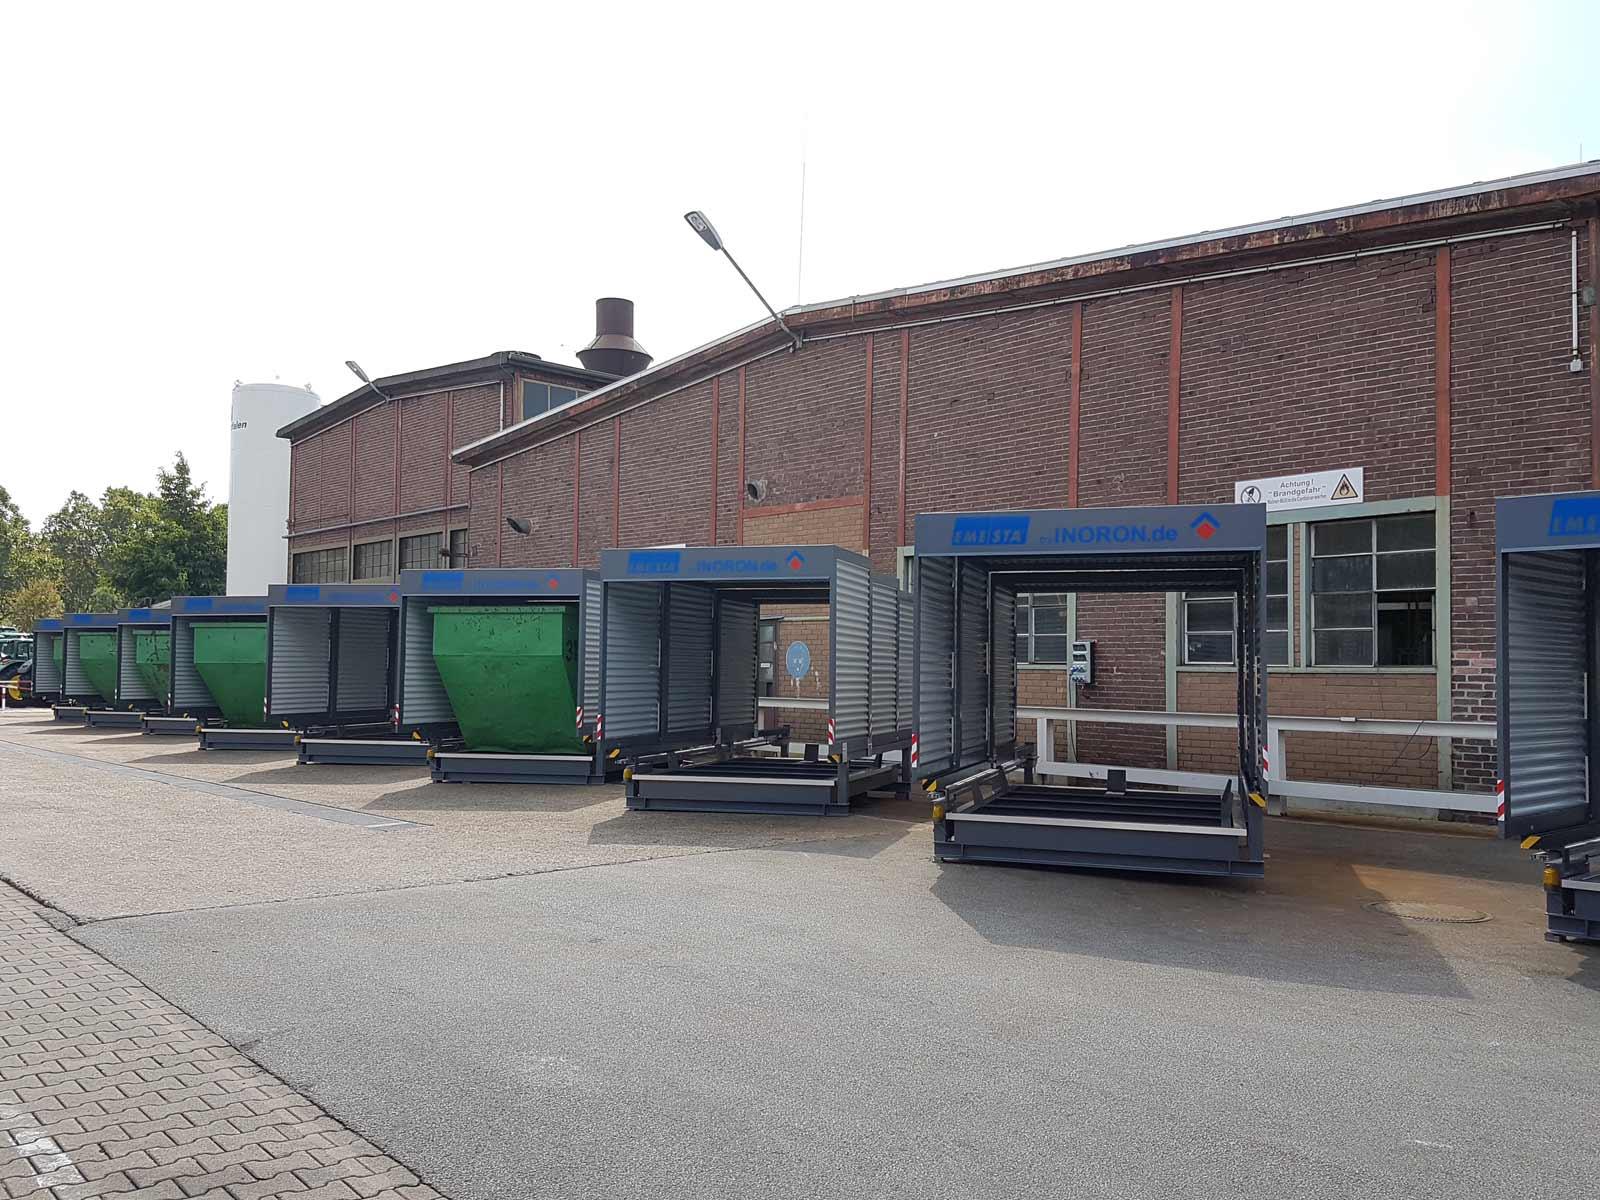 Container Lagerplatz mit mehreren EMESTA Containerstellplatz Systemen